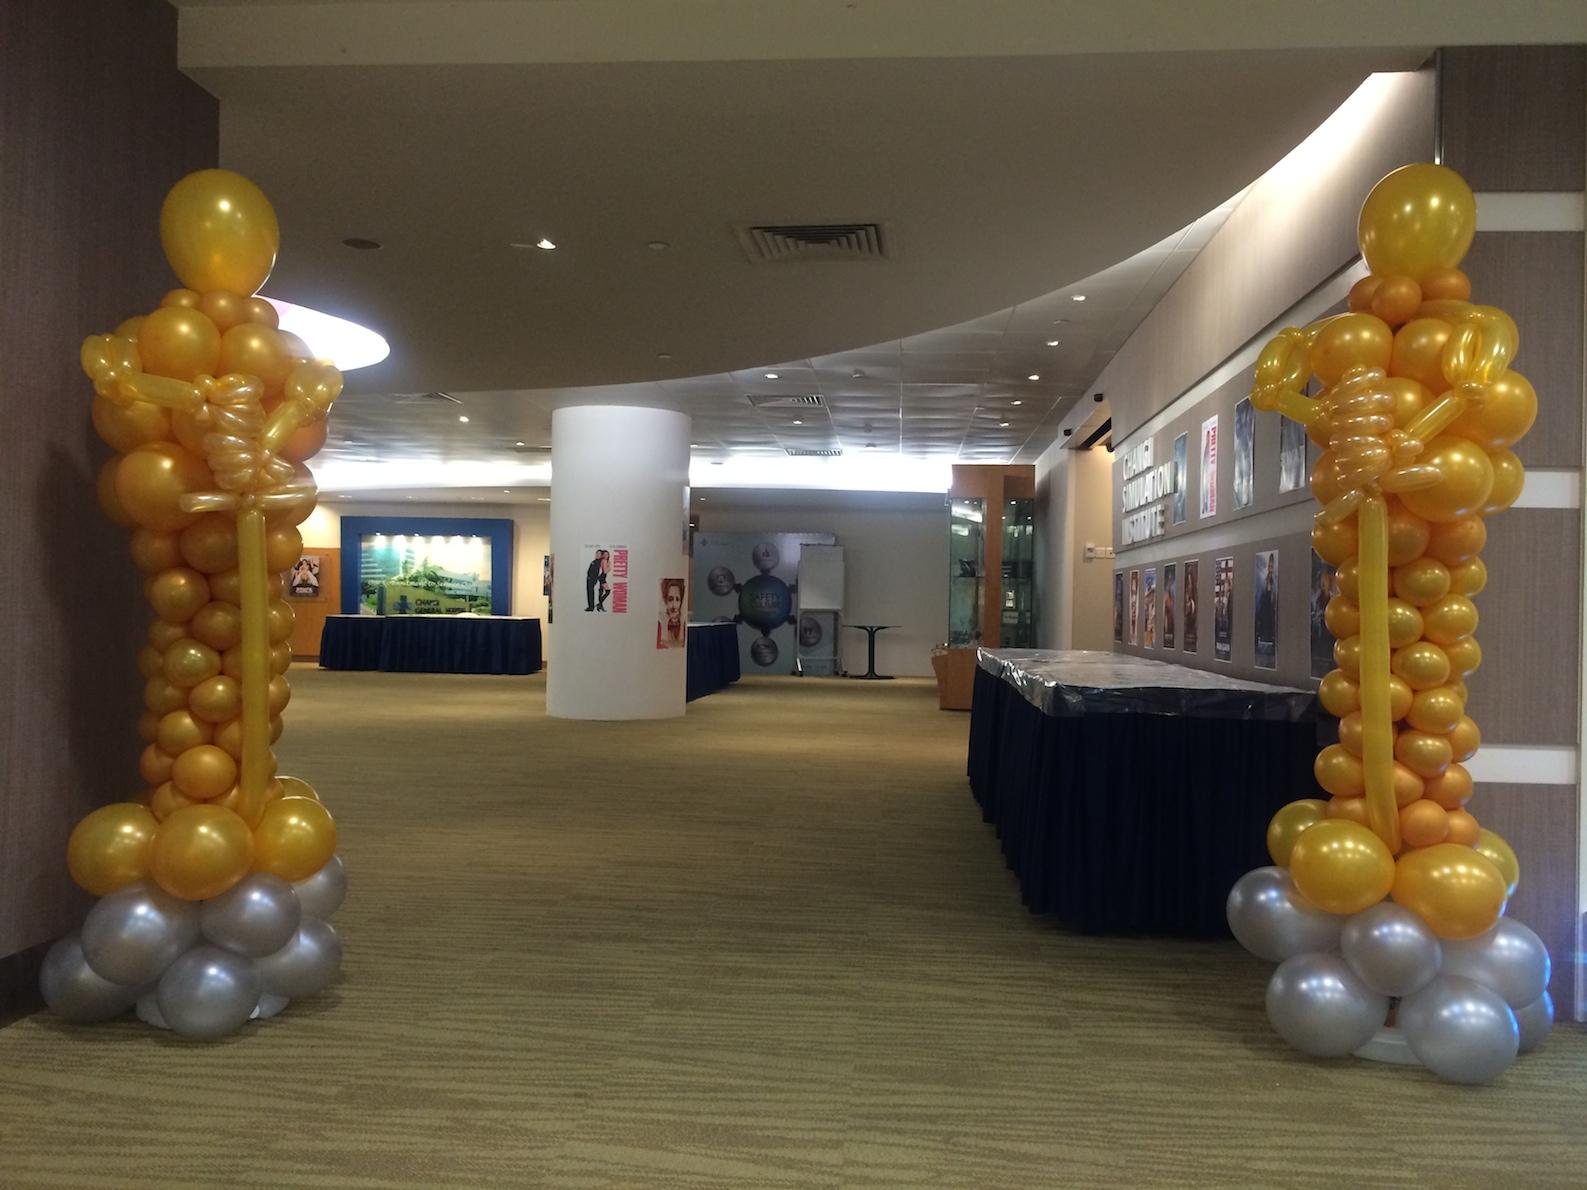 Oscar Award Balloon Sculpture